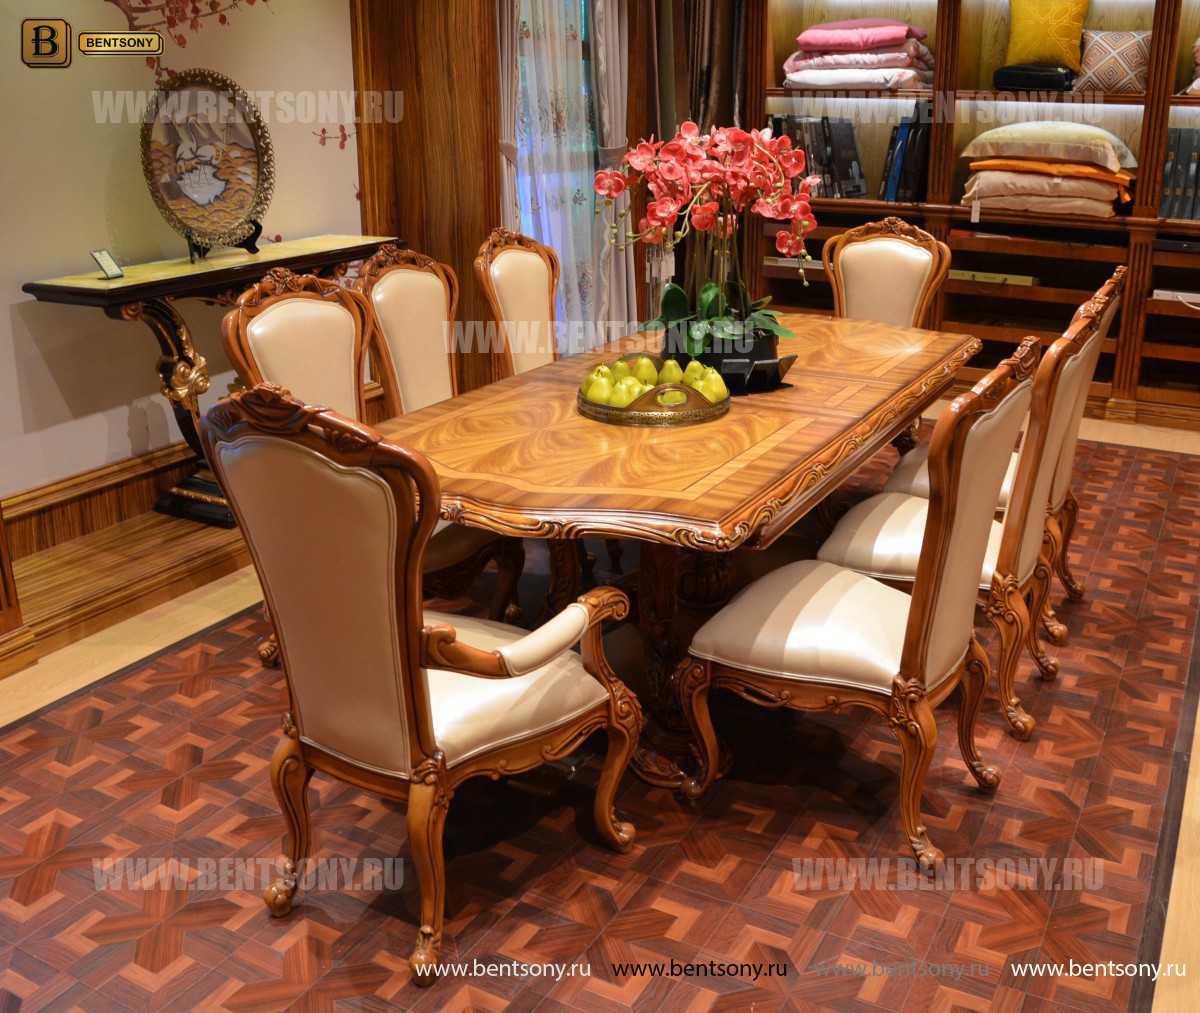 Стол обеденный раздвижной Белмонт (массив дерева) каталог мебели с ценами